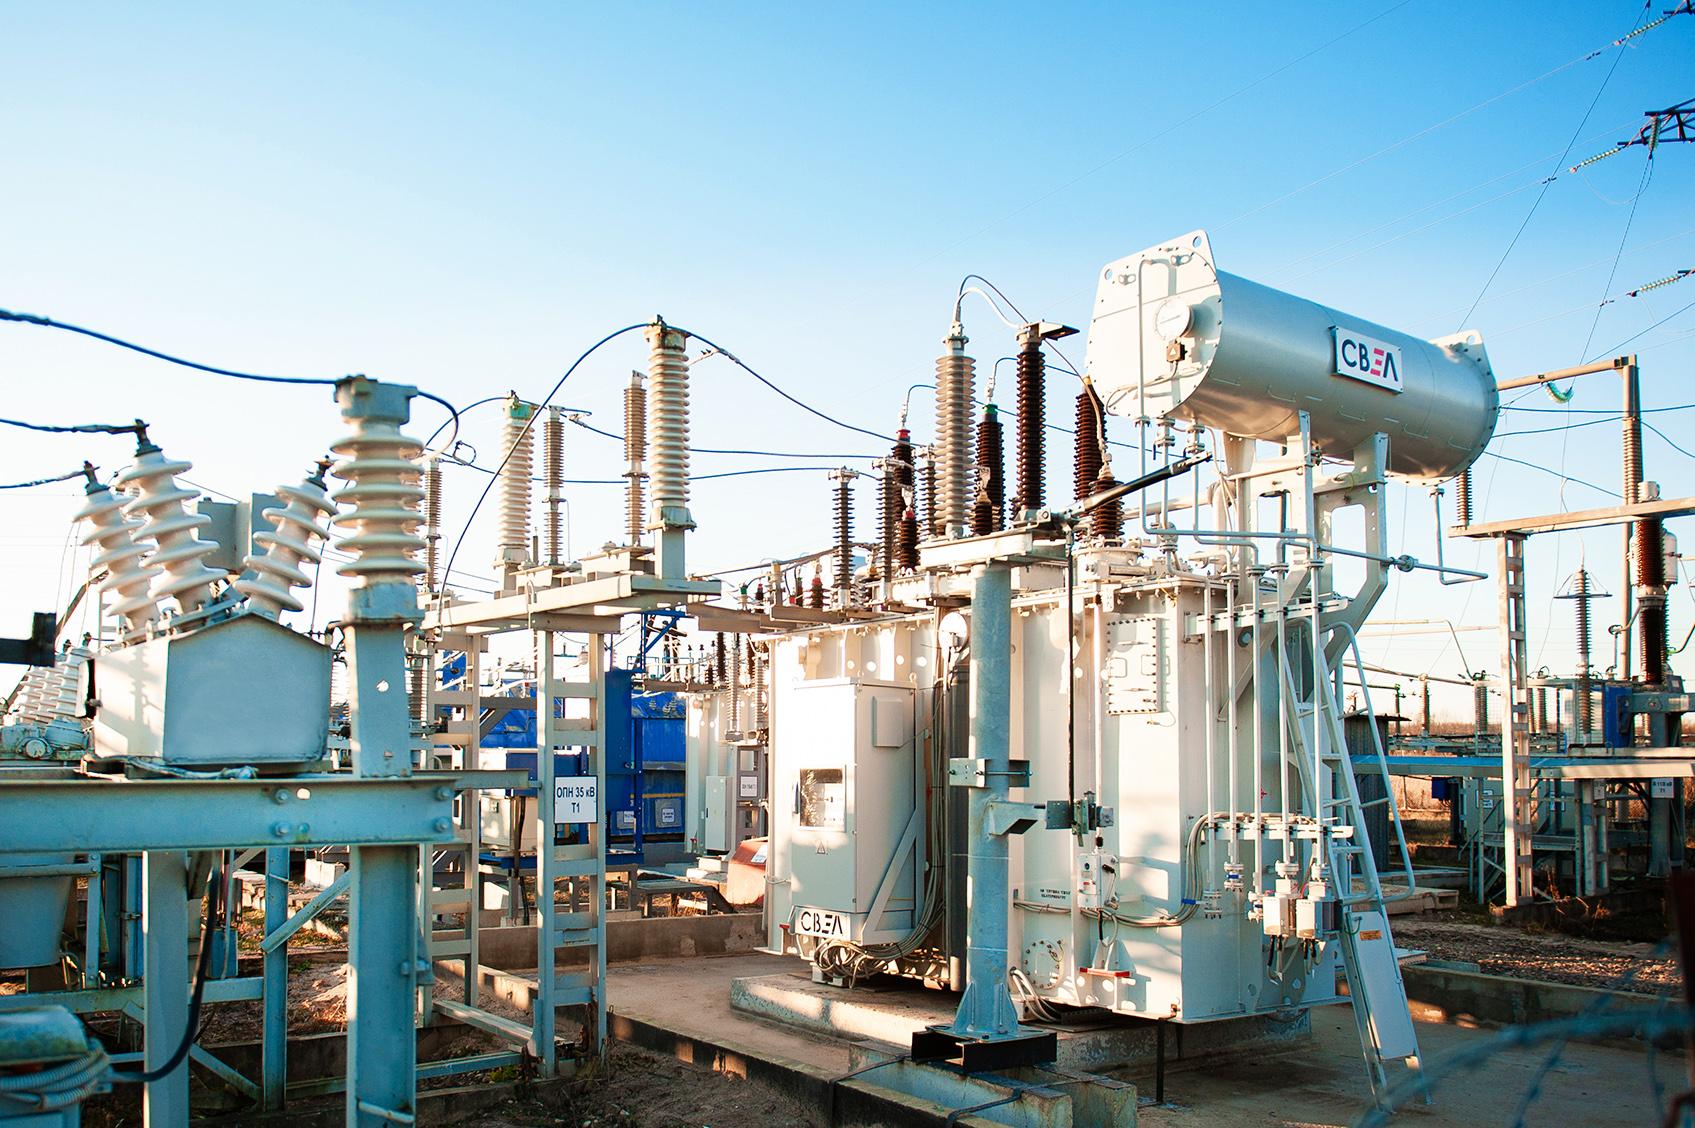 Филиал «Россети Центр Ярэнерго» завершил реконструкцию ПС 110 кВ «Аббакумцево»